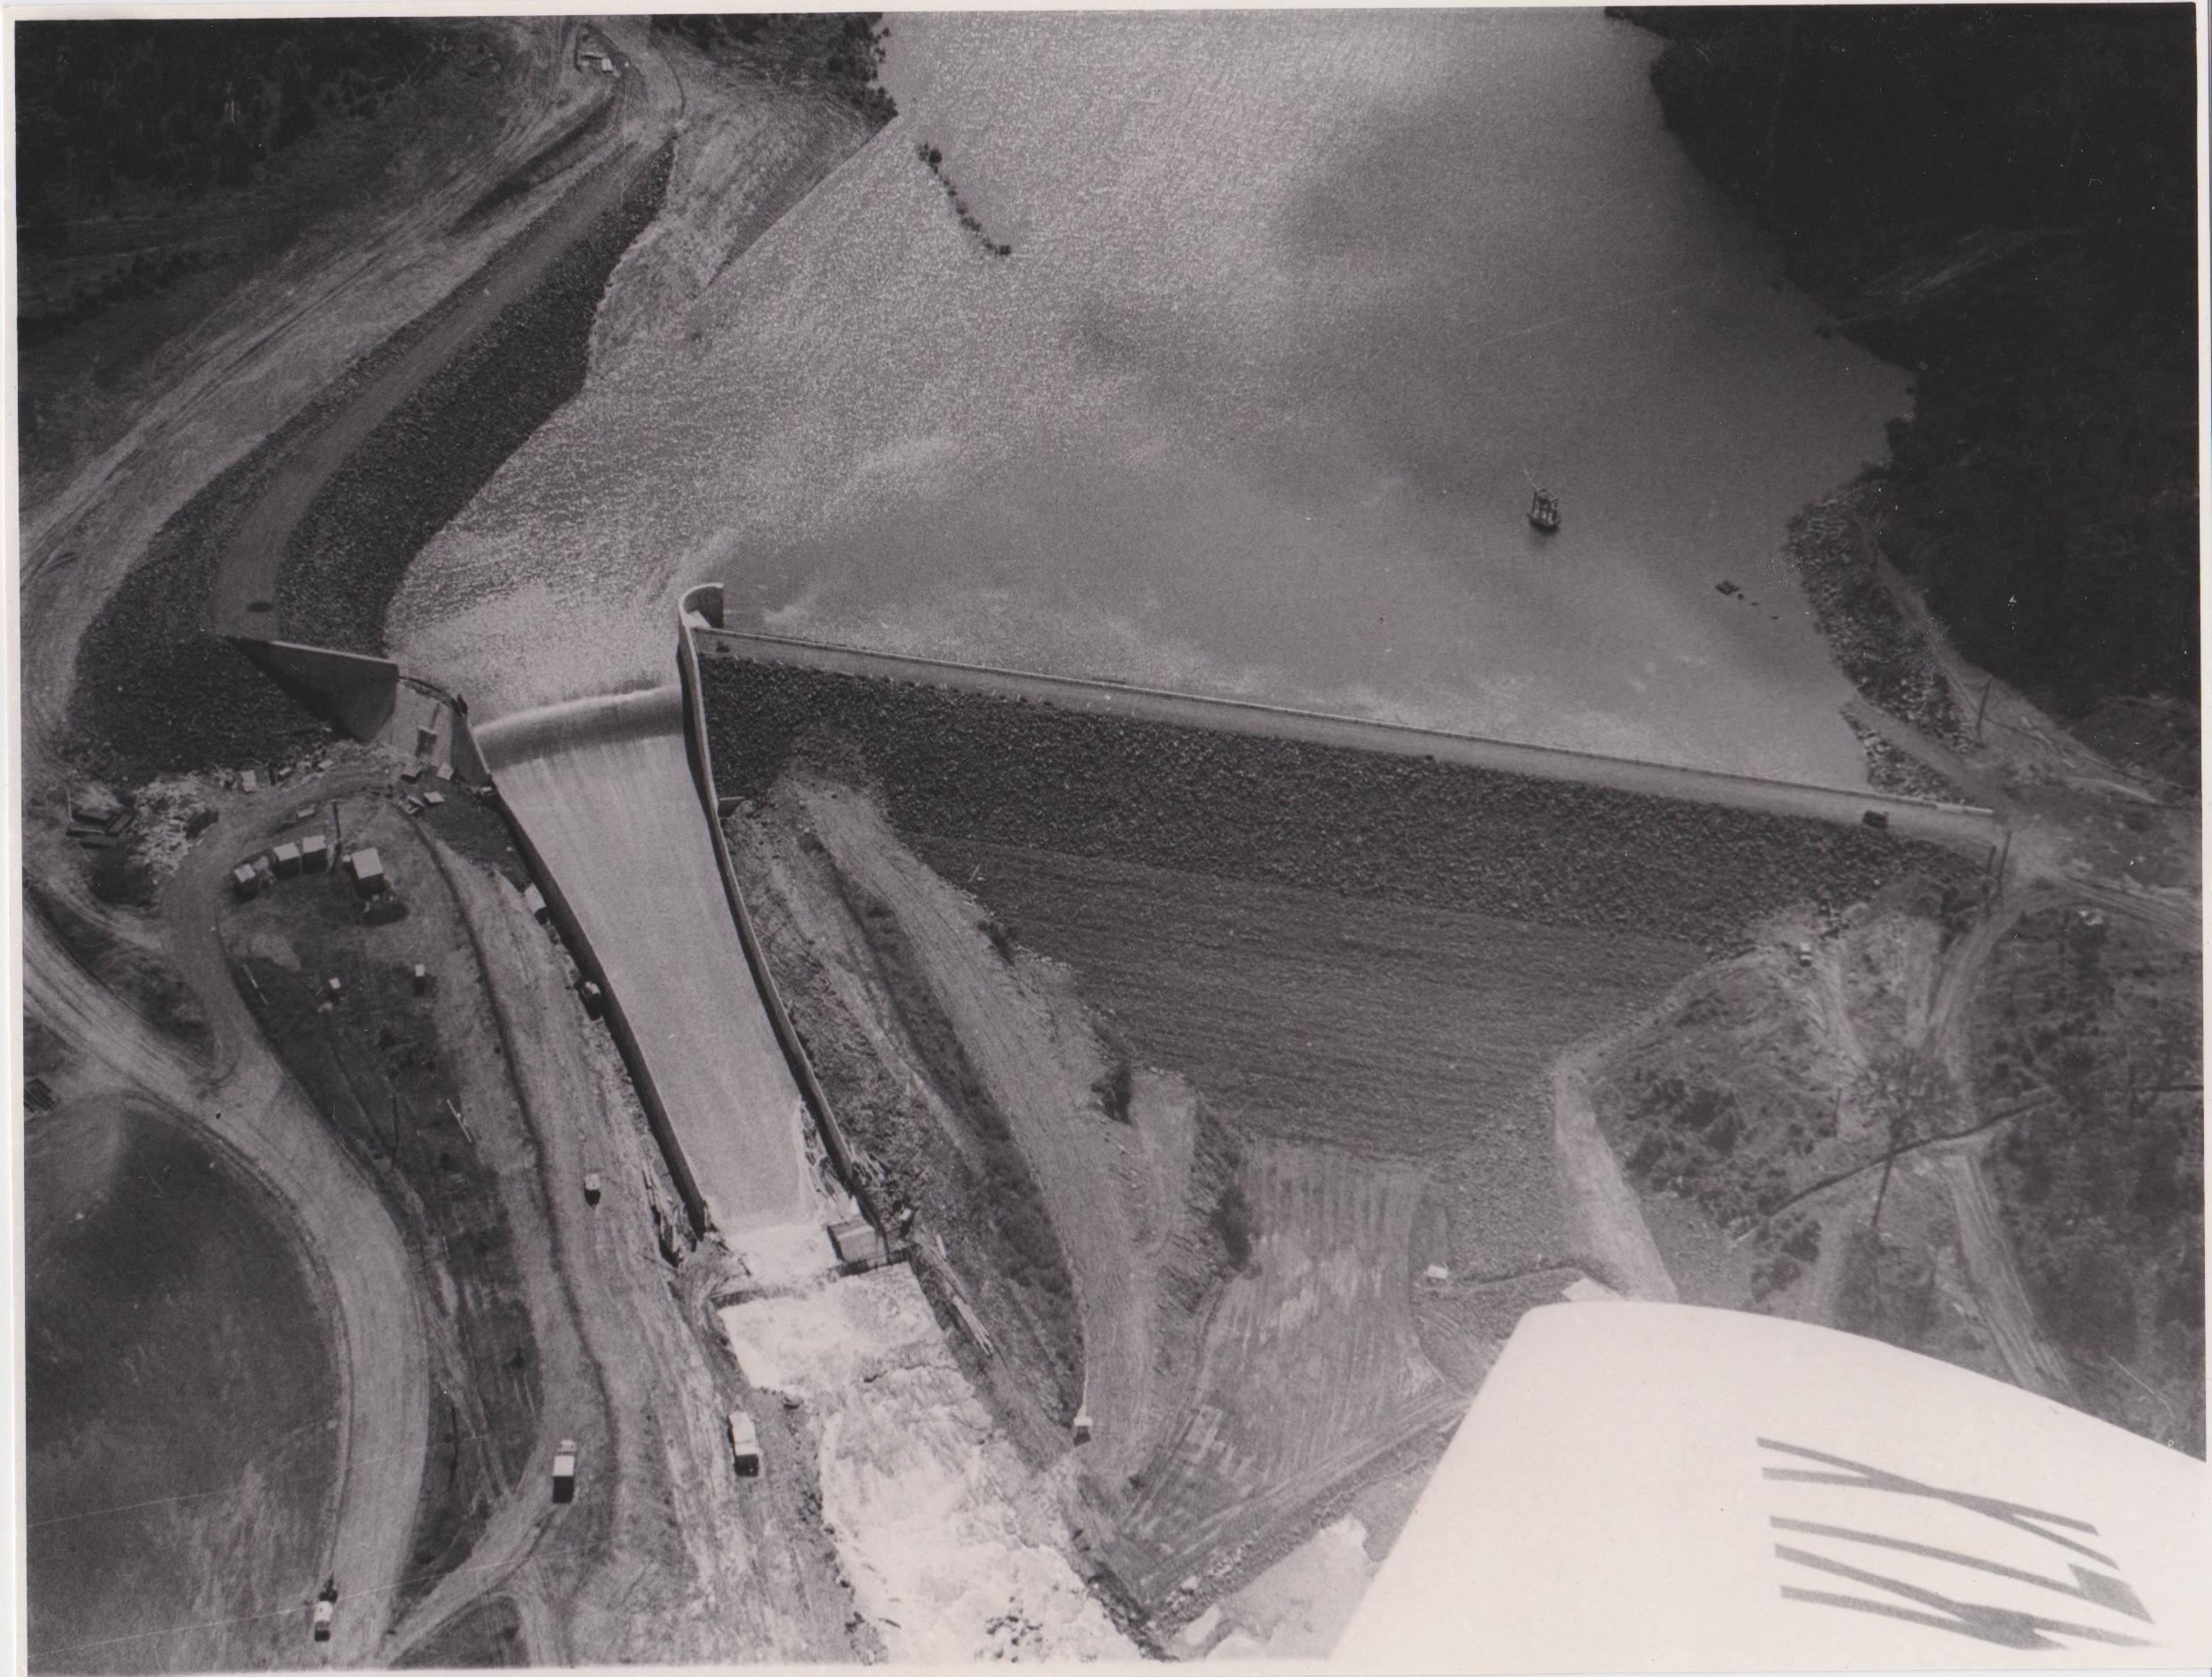 spillway-when-dam-filled-1968-maureenholloway